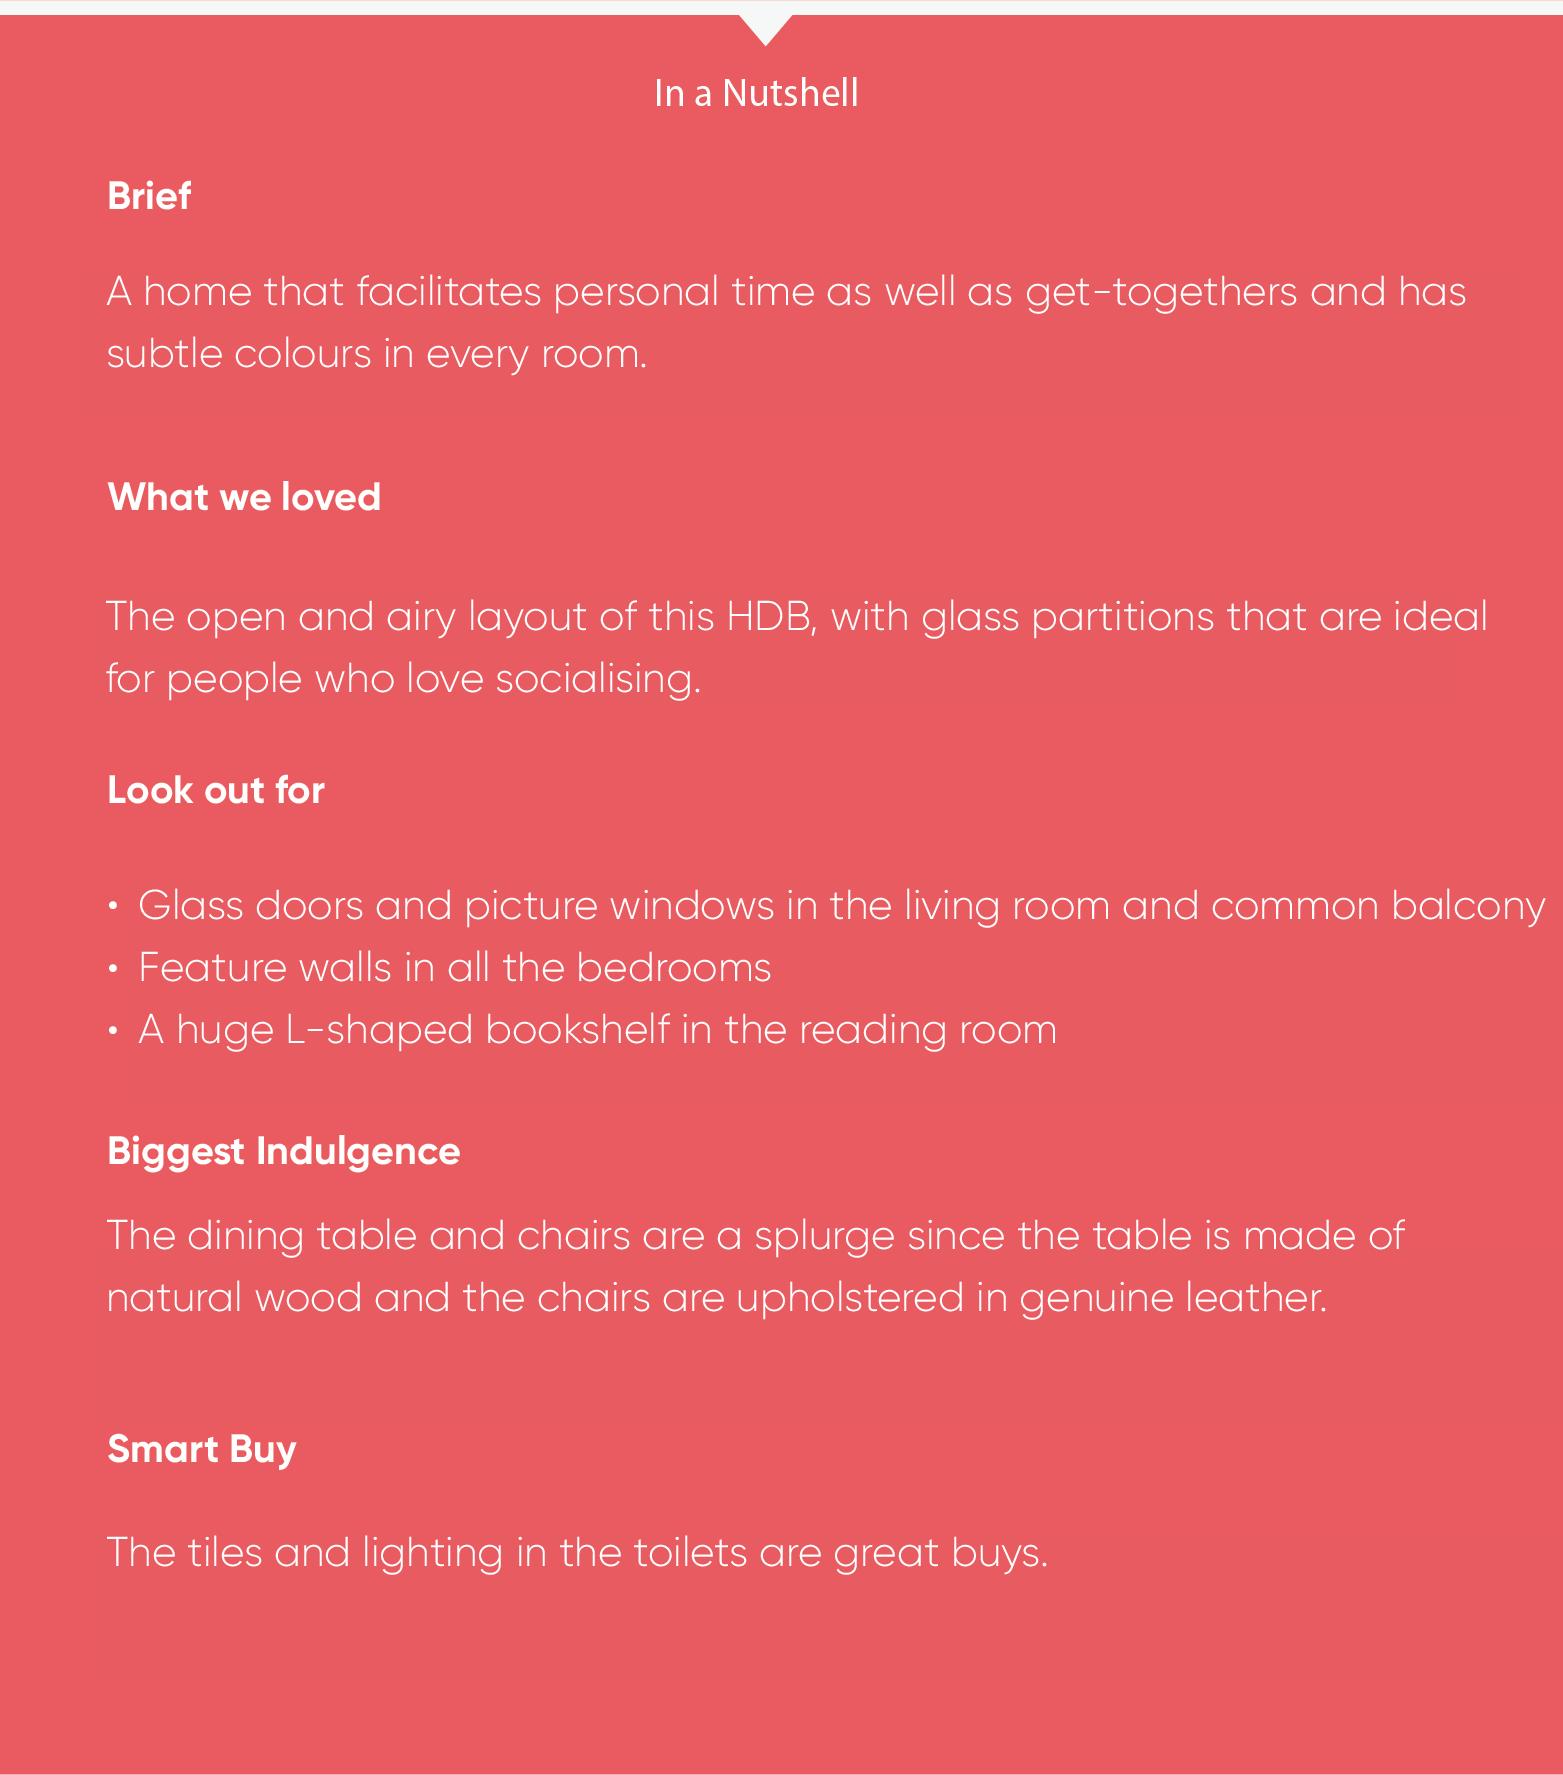 resale-hdb-infobox-client-brief